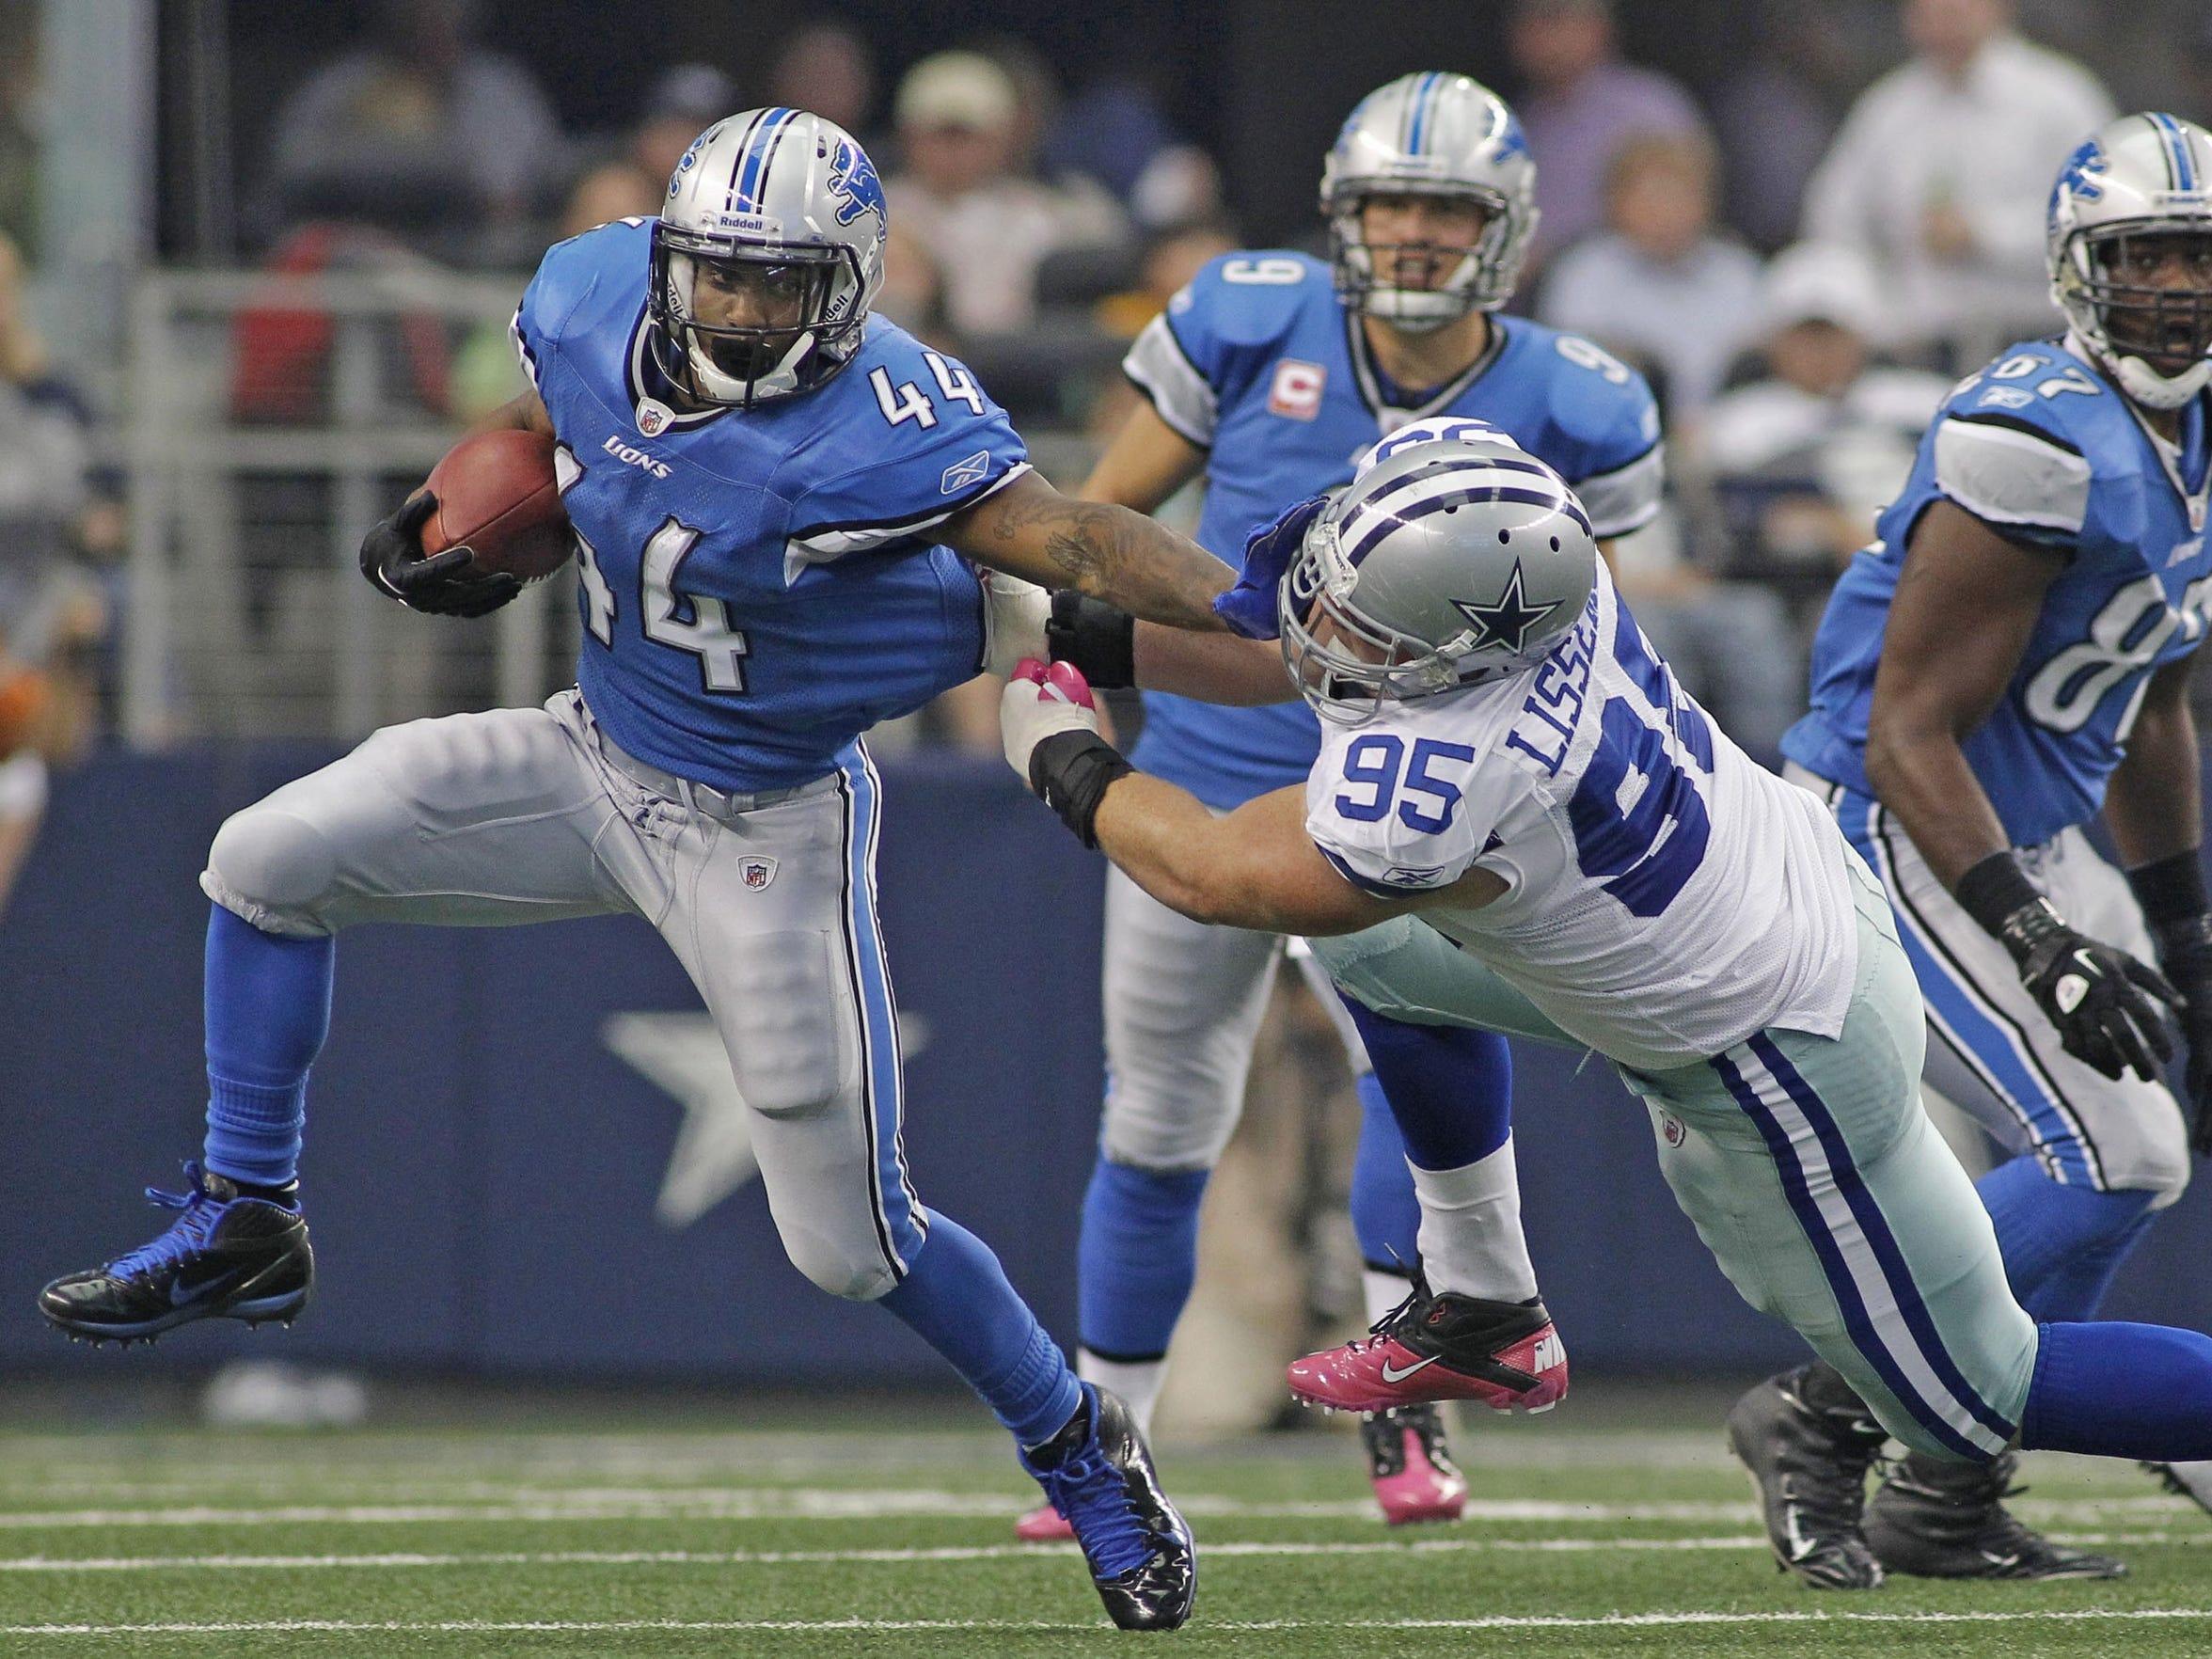 Detroit Lions running back Jahvid Best (44) pushes